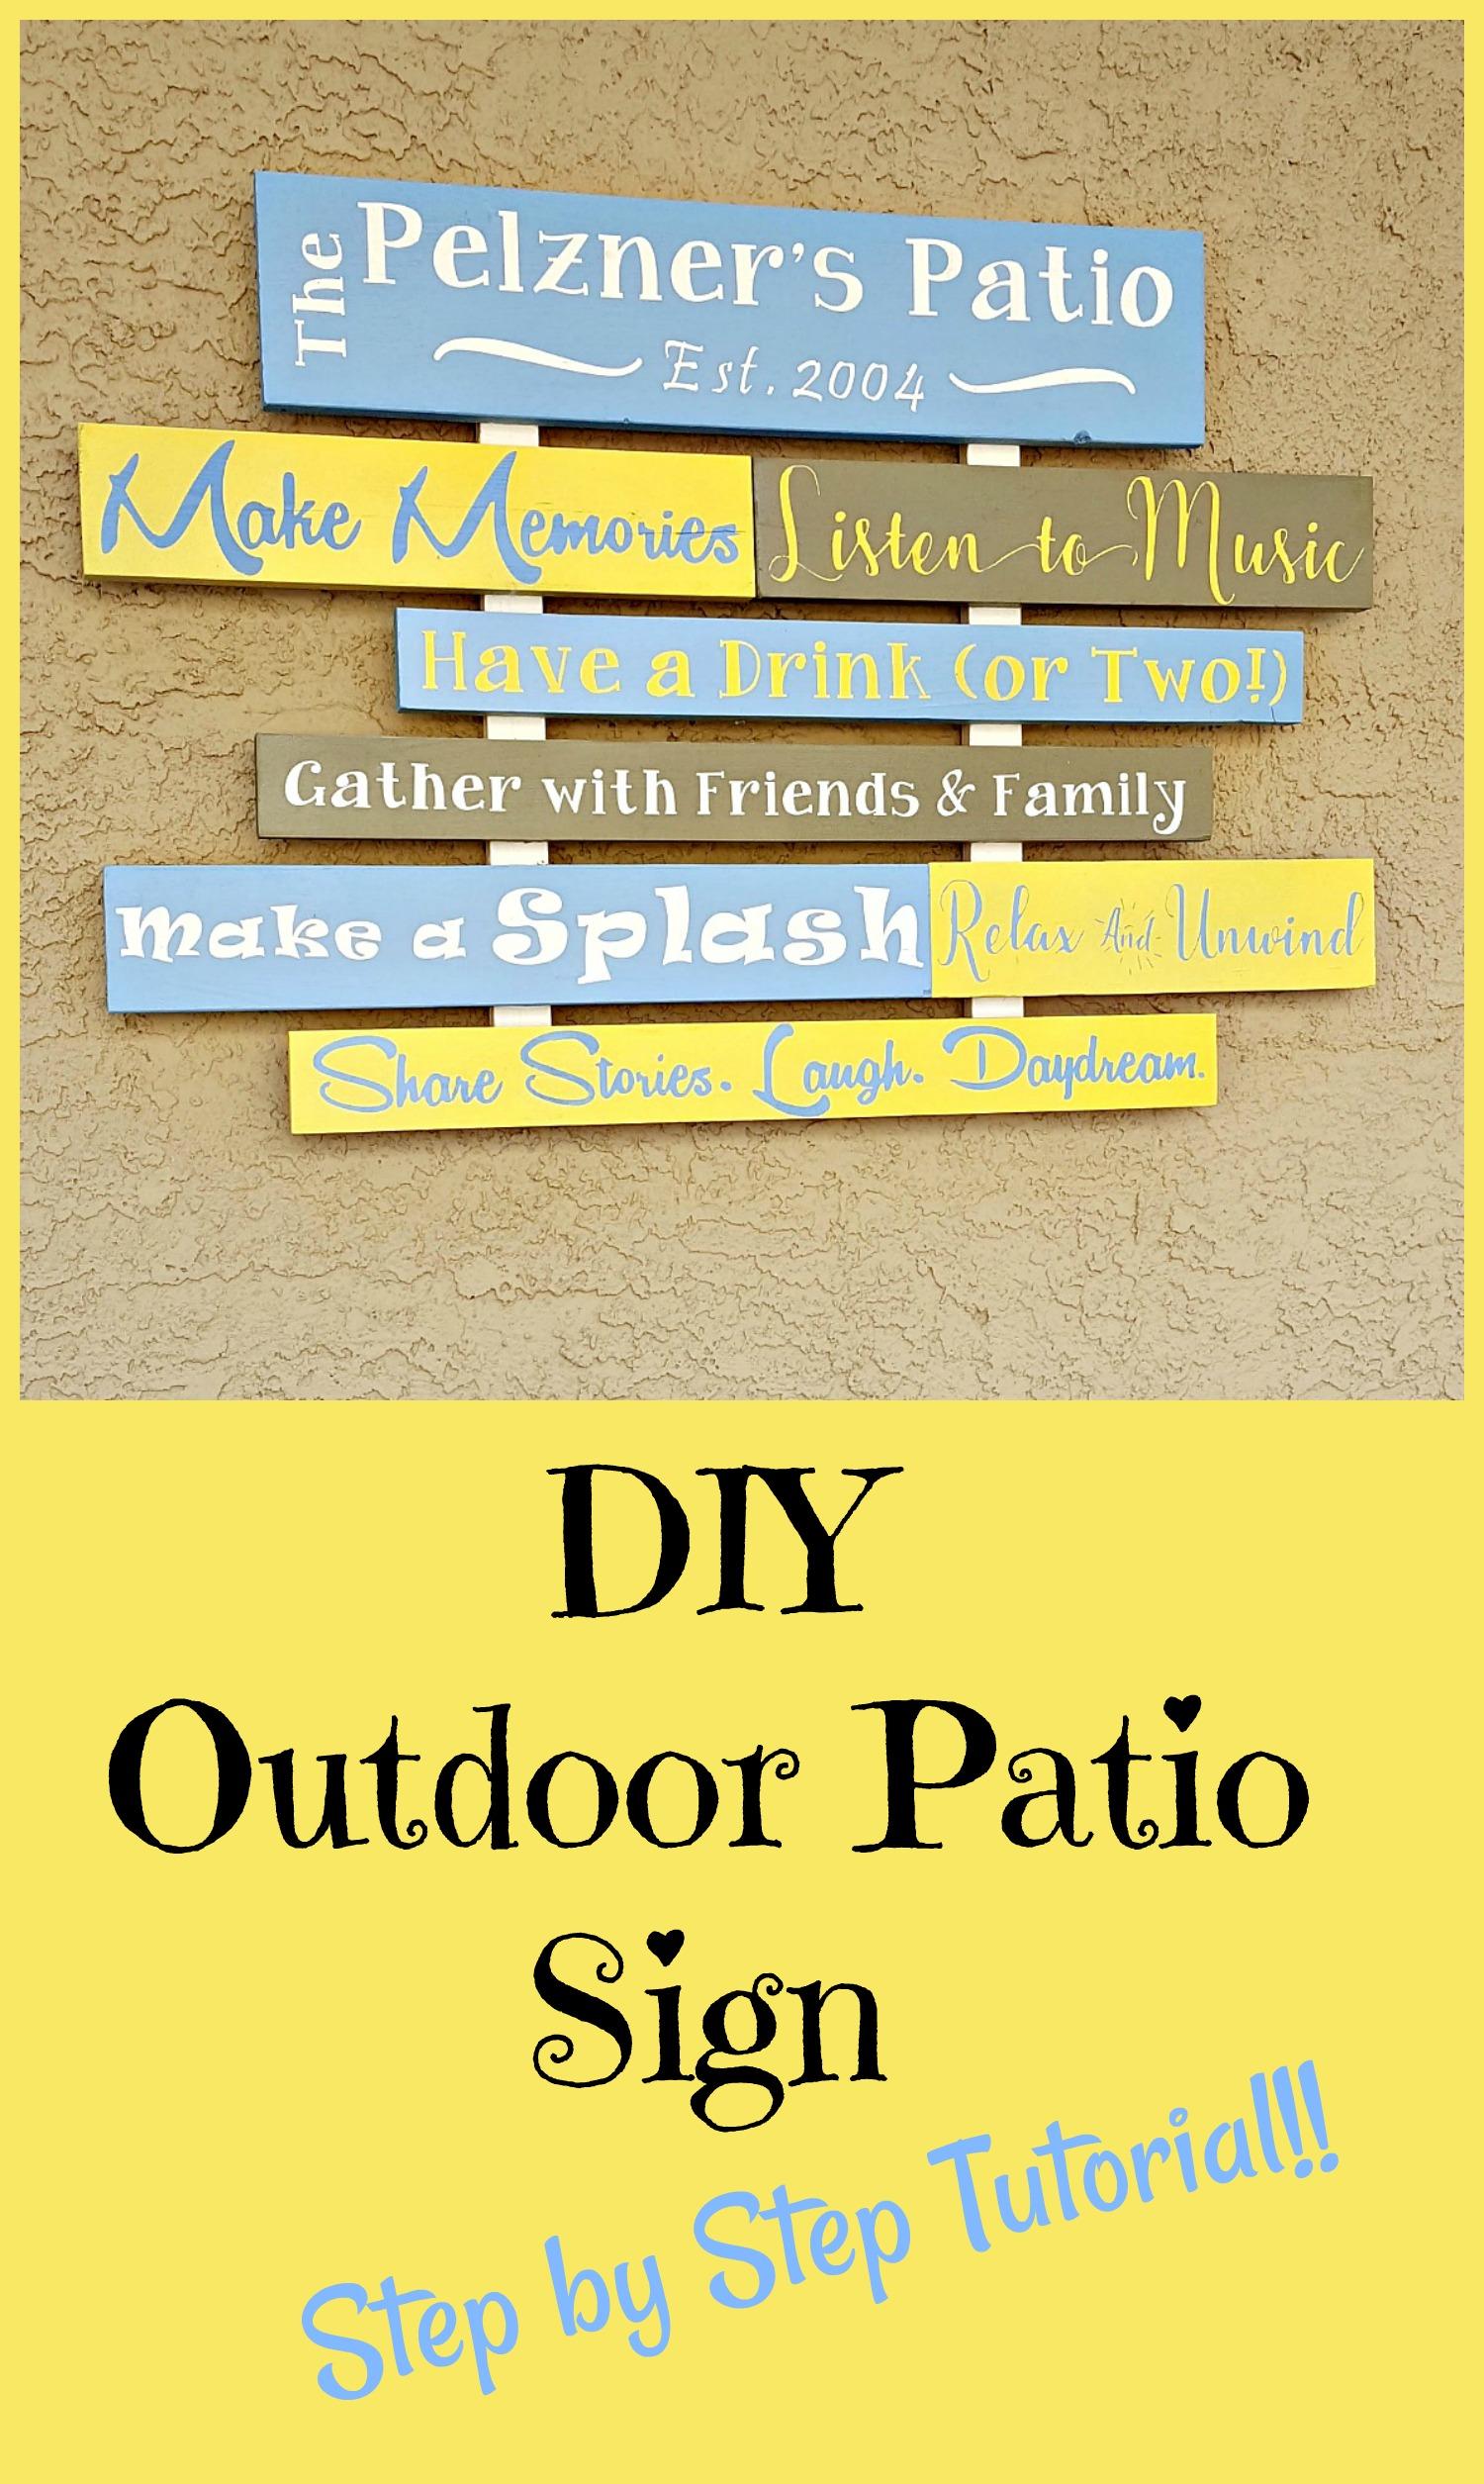 DIY Patio Sign Tutorial